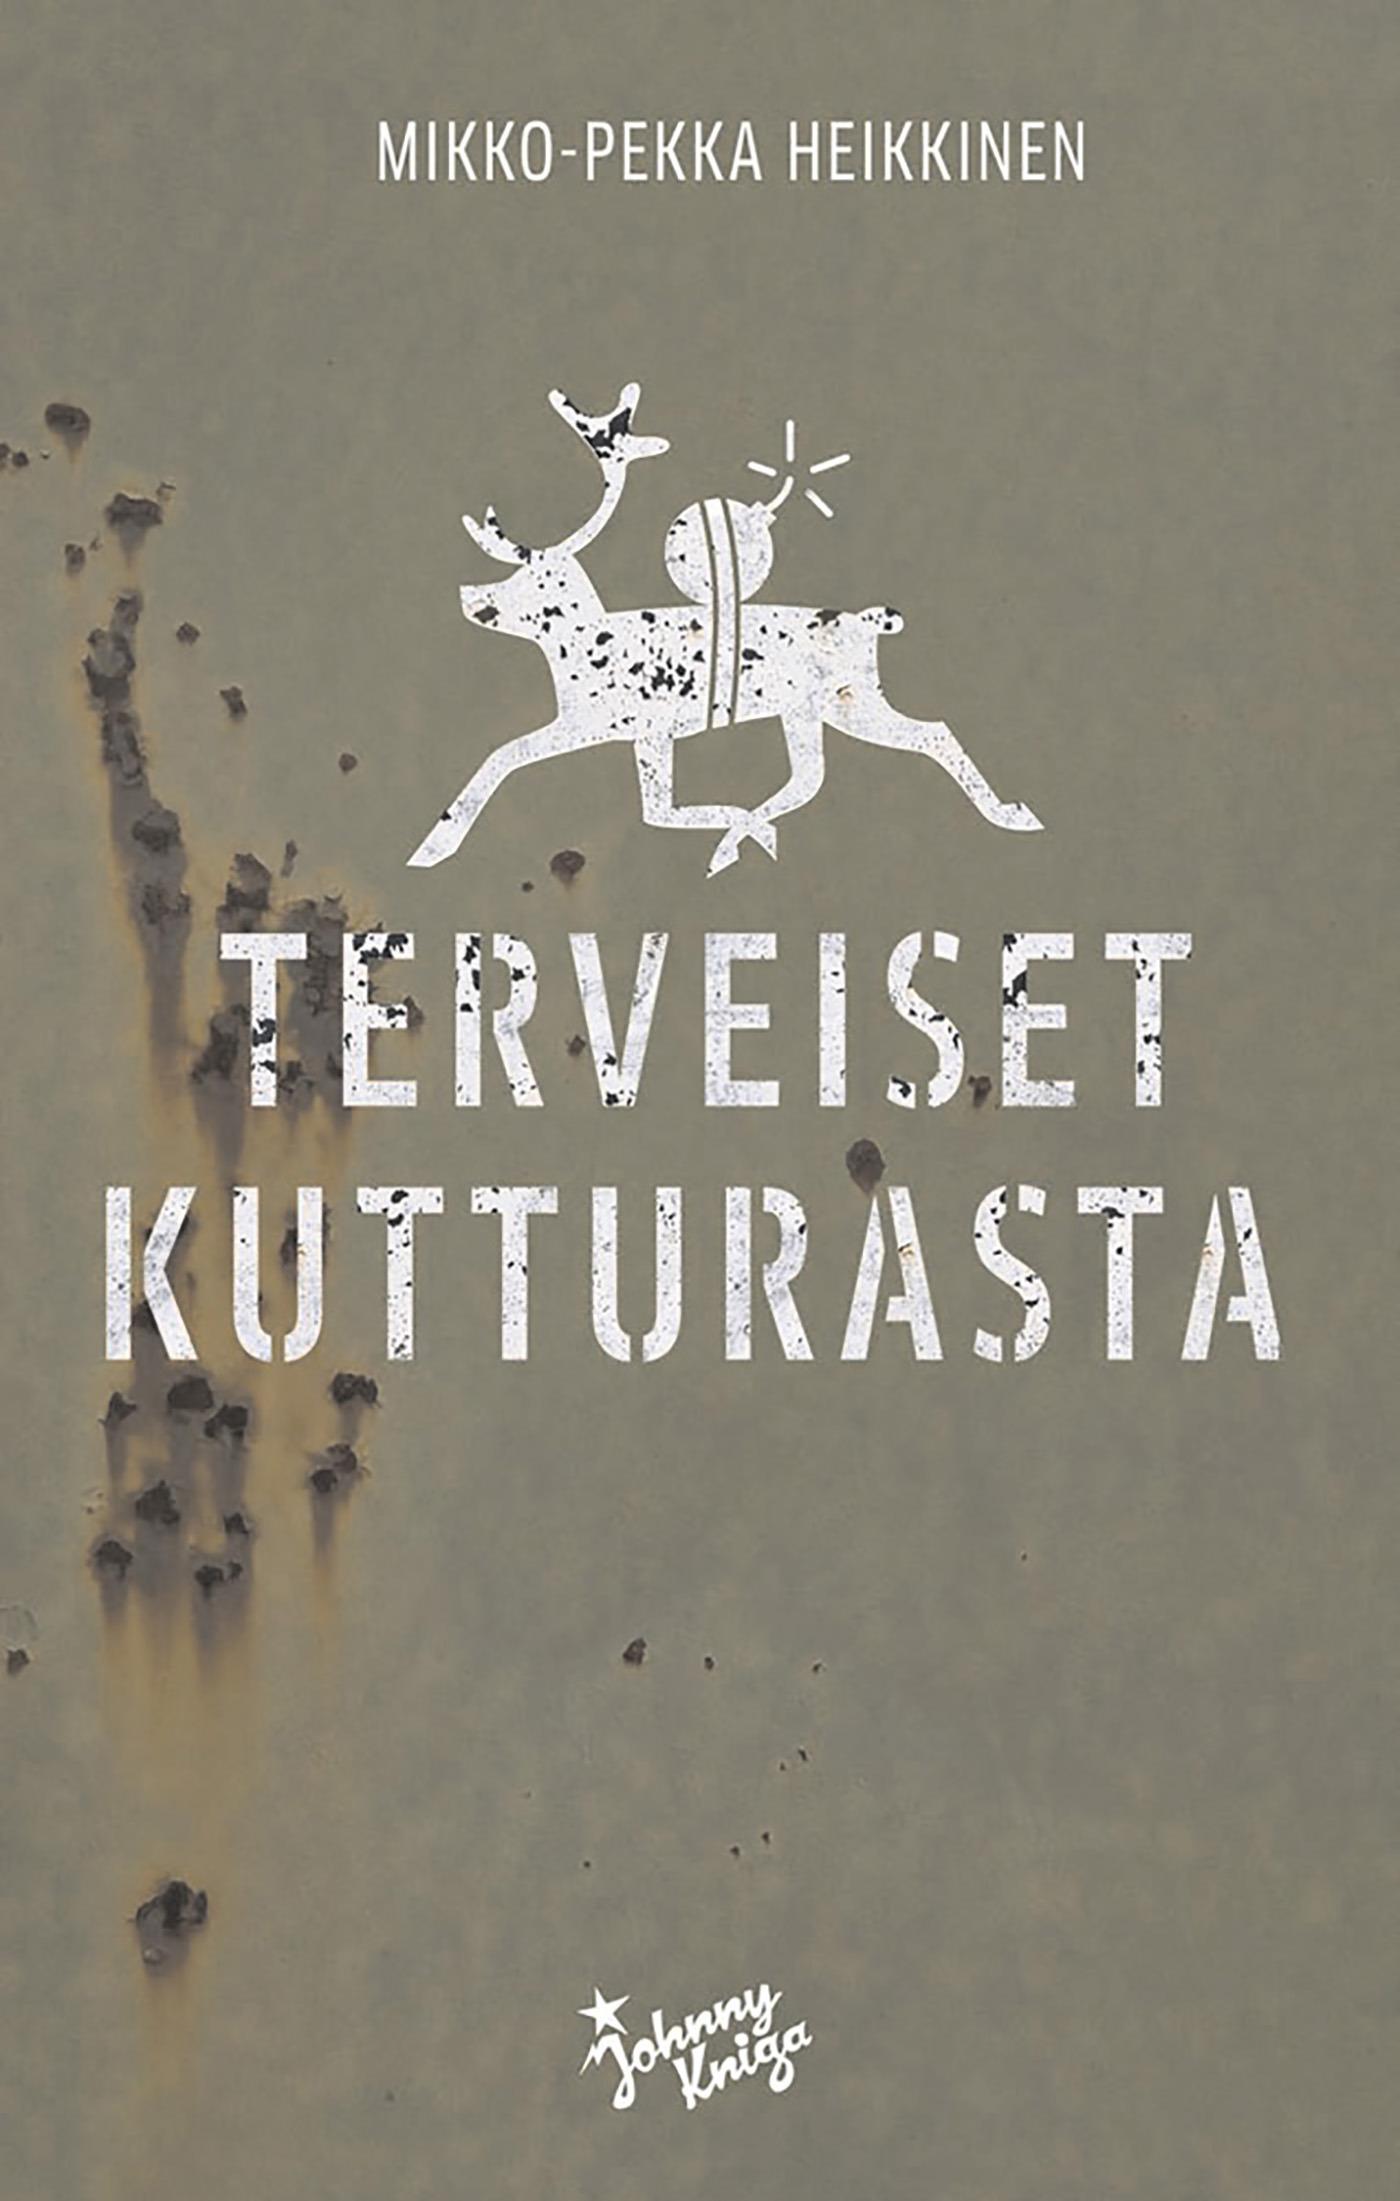 Heikkinen, Mikko-Pekka - Terveiset Kutturasta, e-kirja